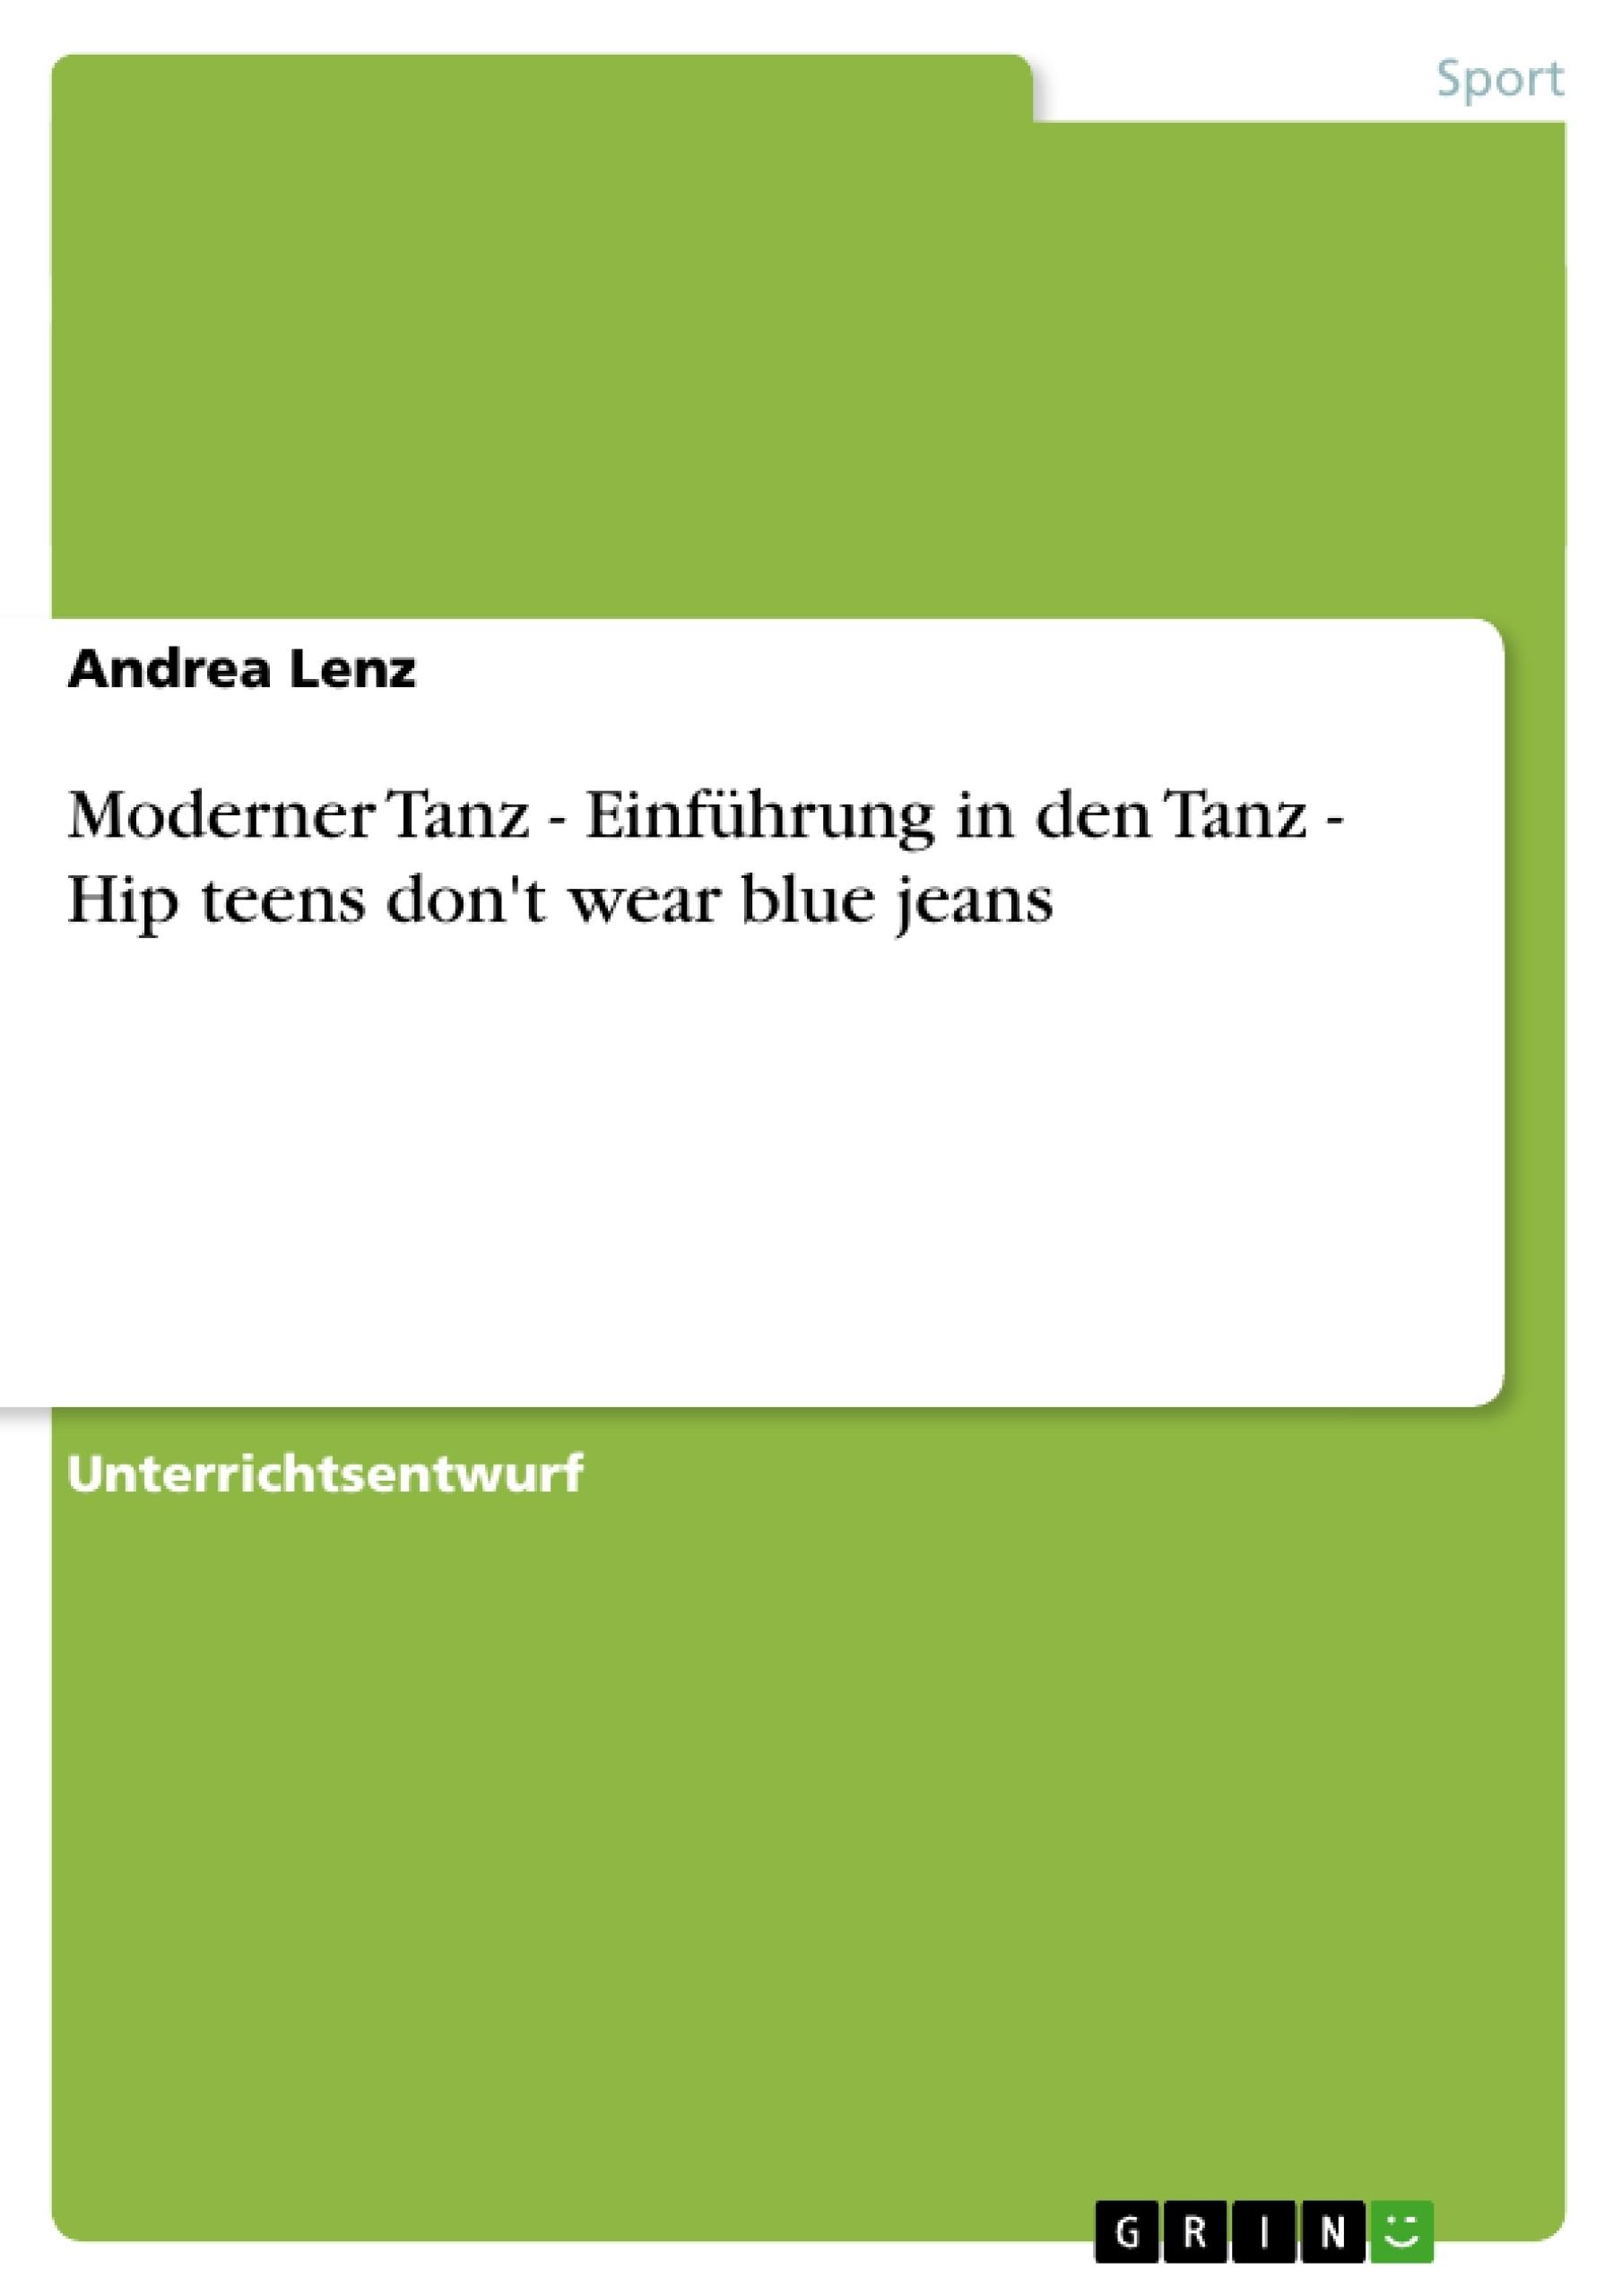 Titel: Moderner Tanz - Einführung in den Tanz - Hip teens don't wear blue jeans